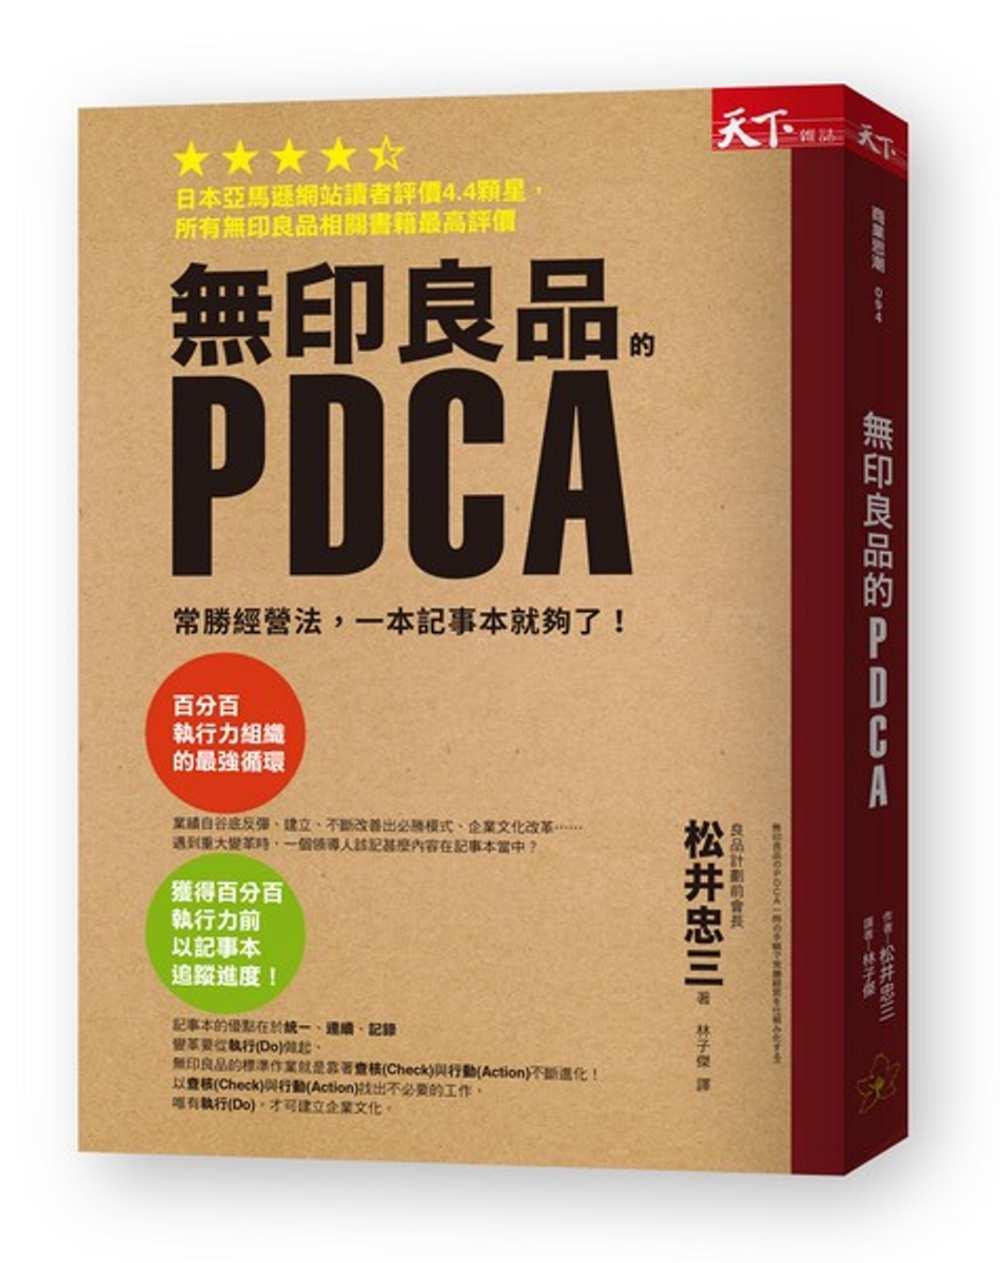 ◤博客來BOOKS◢ 暢銷書榜《推薦》無印良品的PDCA:常勝經營法,一本筆記本就夠了!